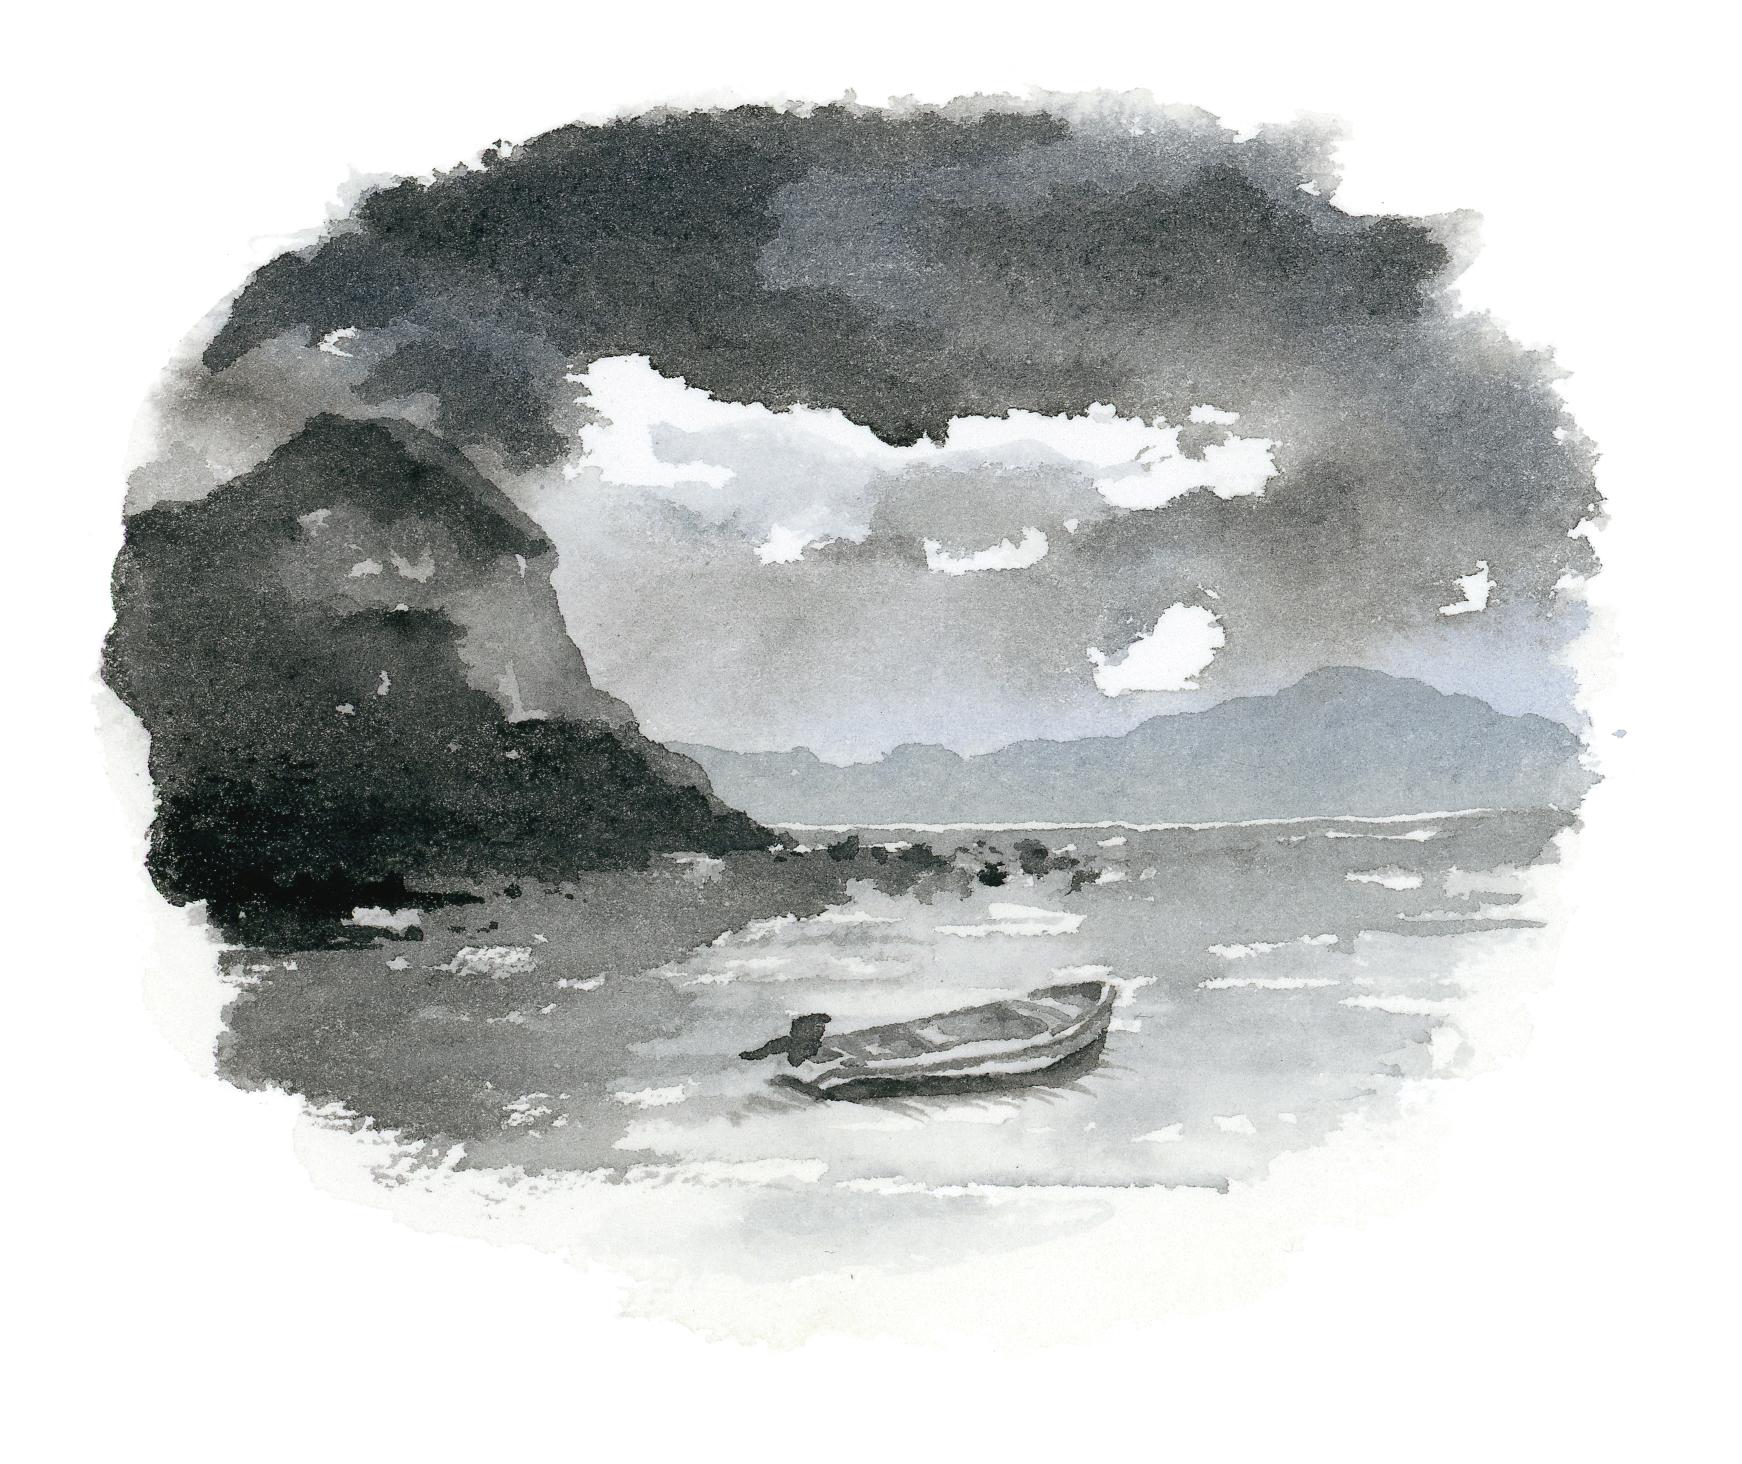 """""""Día de tormenta en el mar""""  Acuarela Original enmarcada. Tamaño Lámina: 13 x 13 cms. Valor:$ 65.000  DISPONIBLE"""